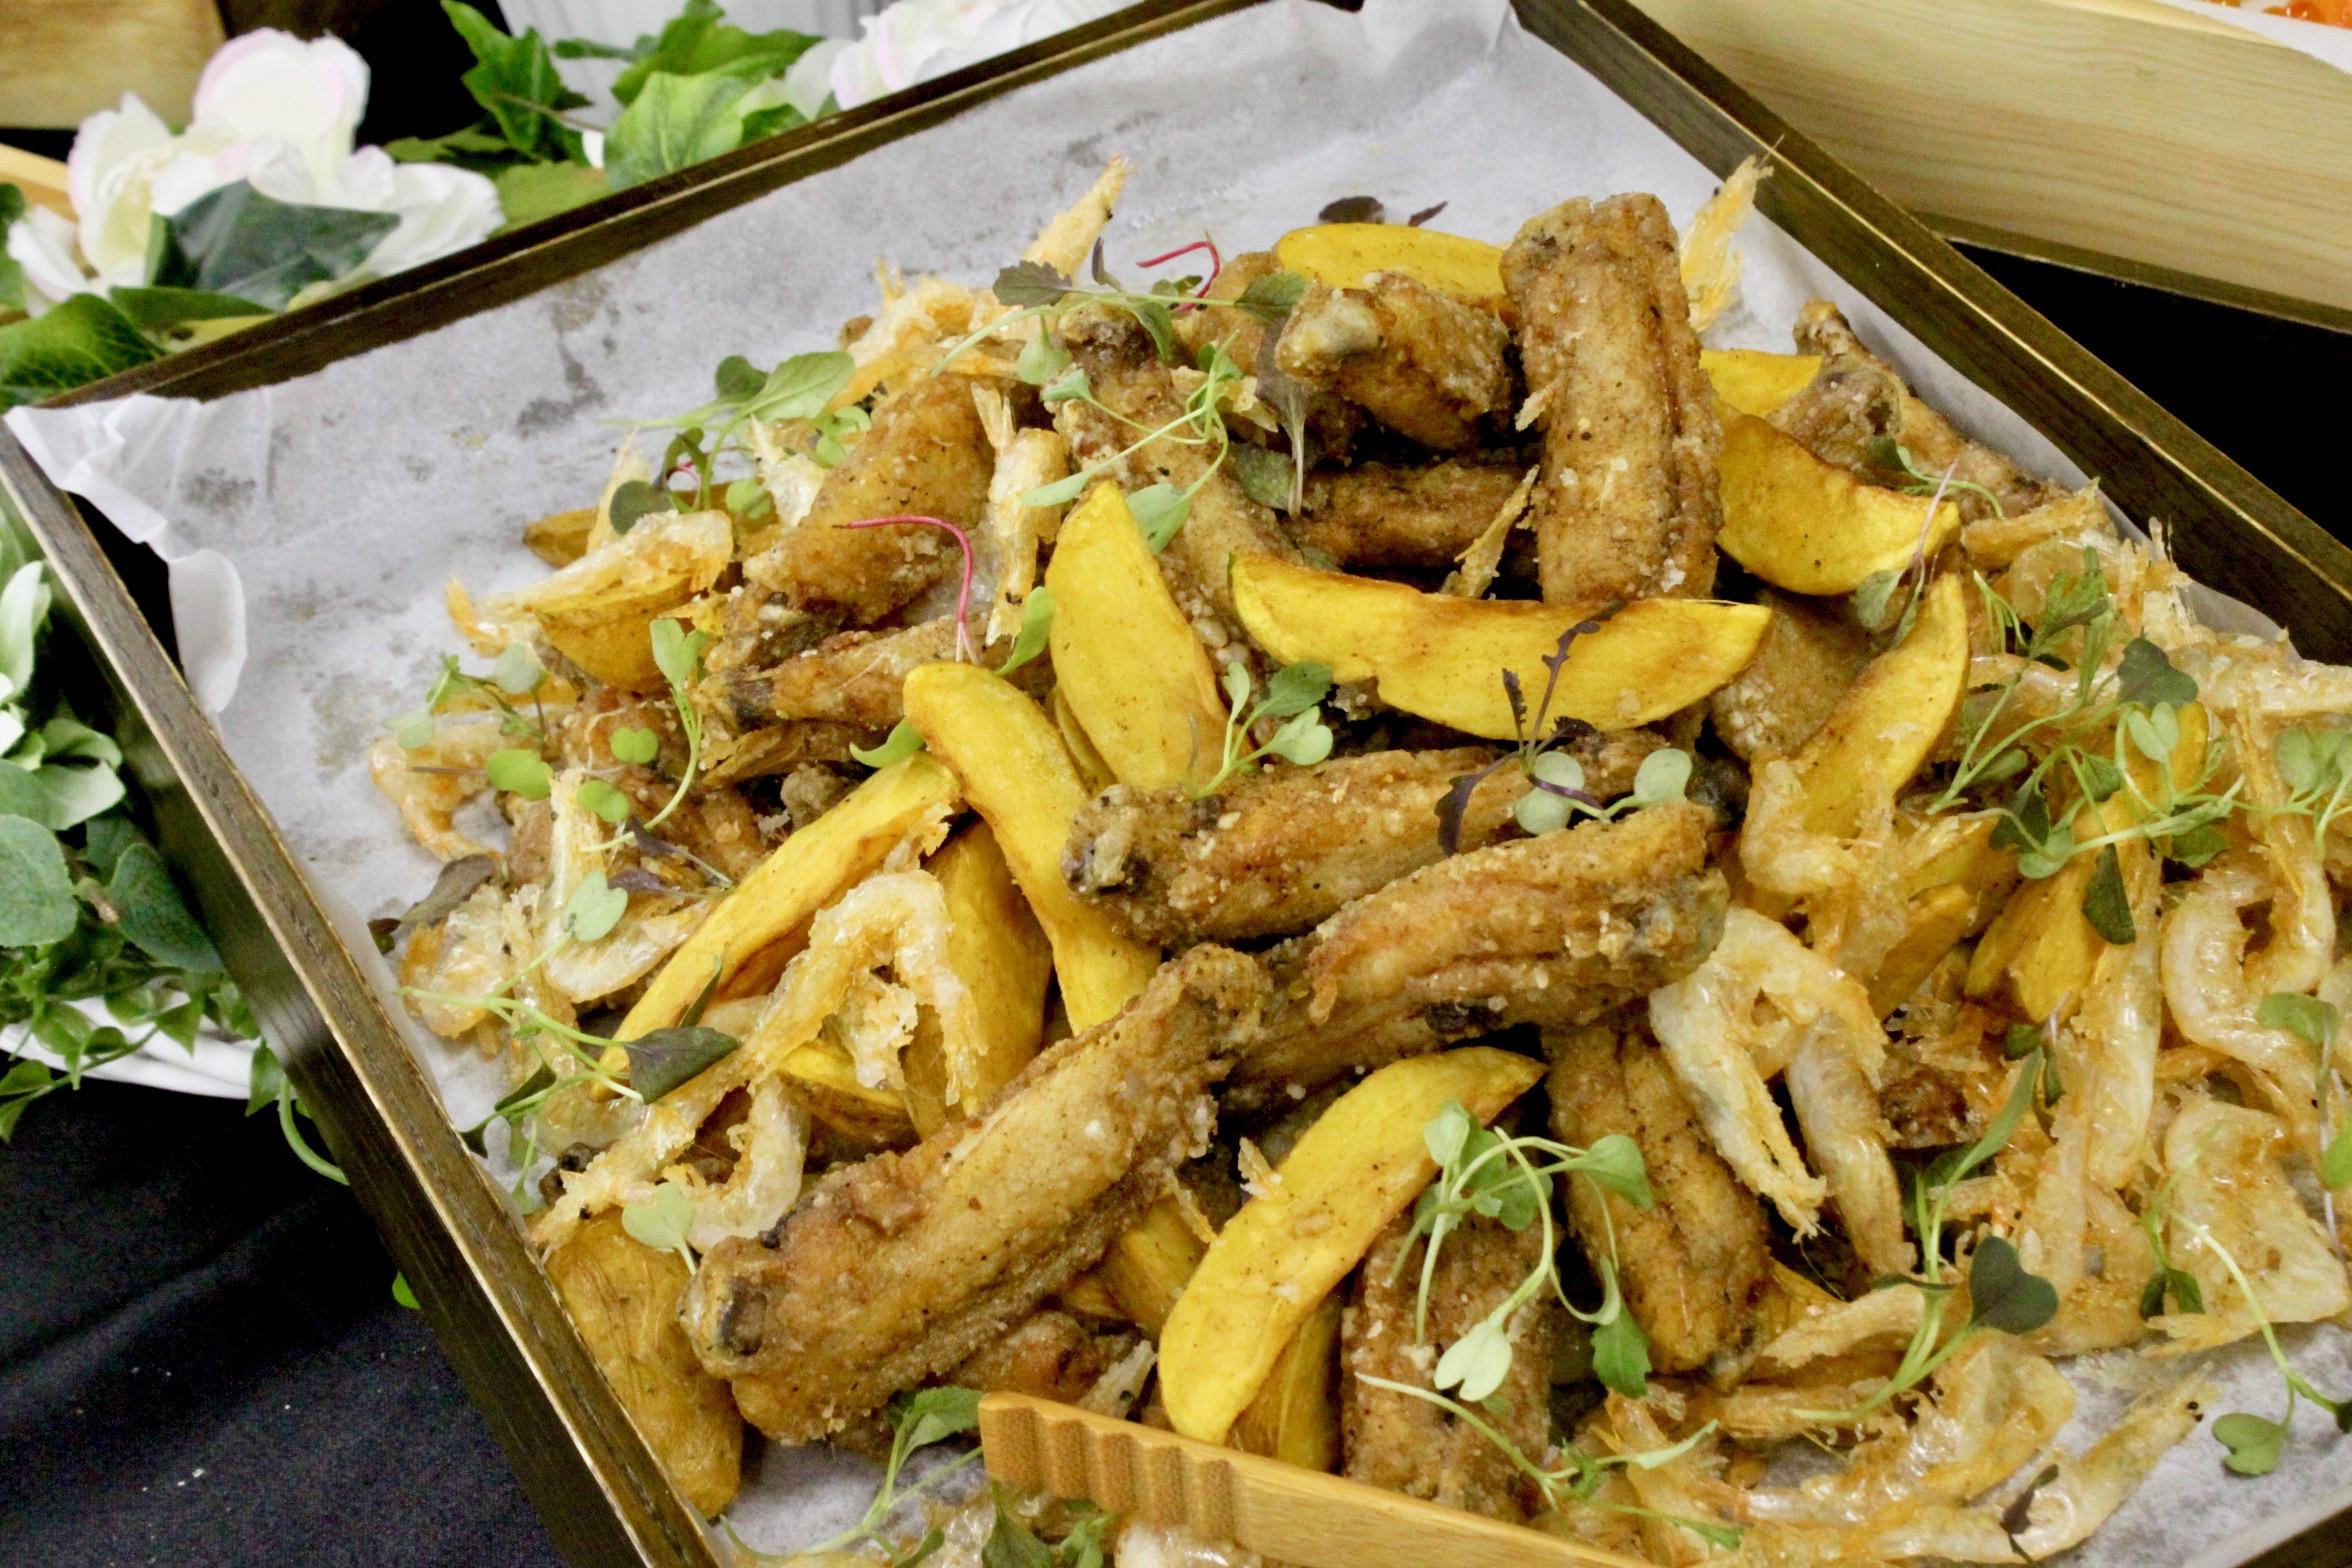 やみつき!徳島県産阿波尾地鶏 手羽中の唐揚げ、インカのめざめのフライドポテト